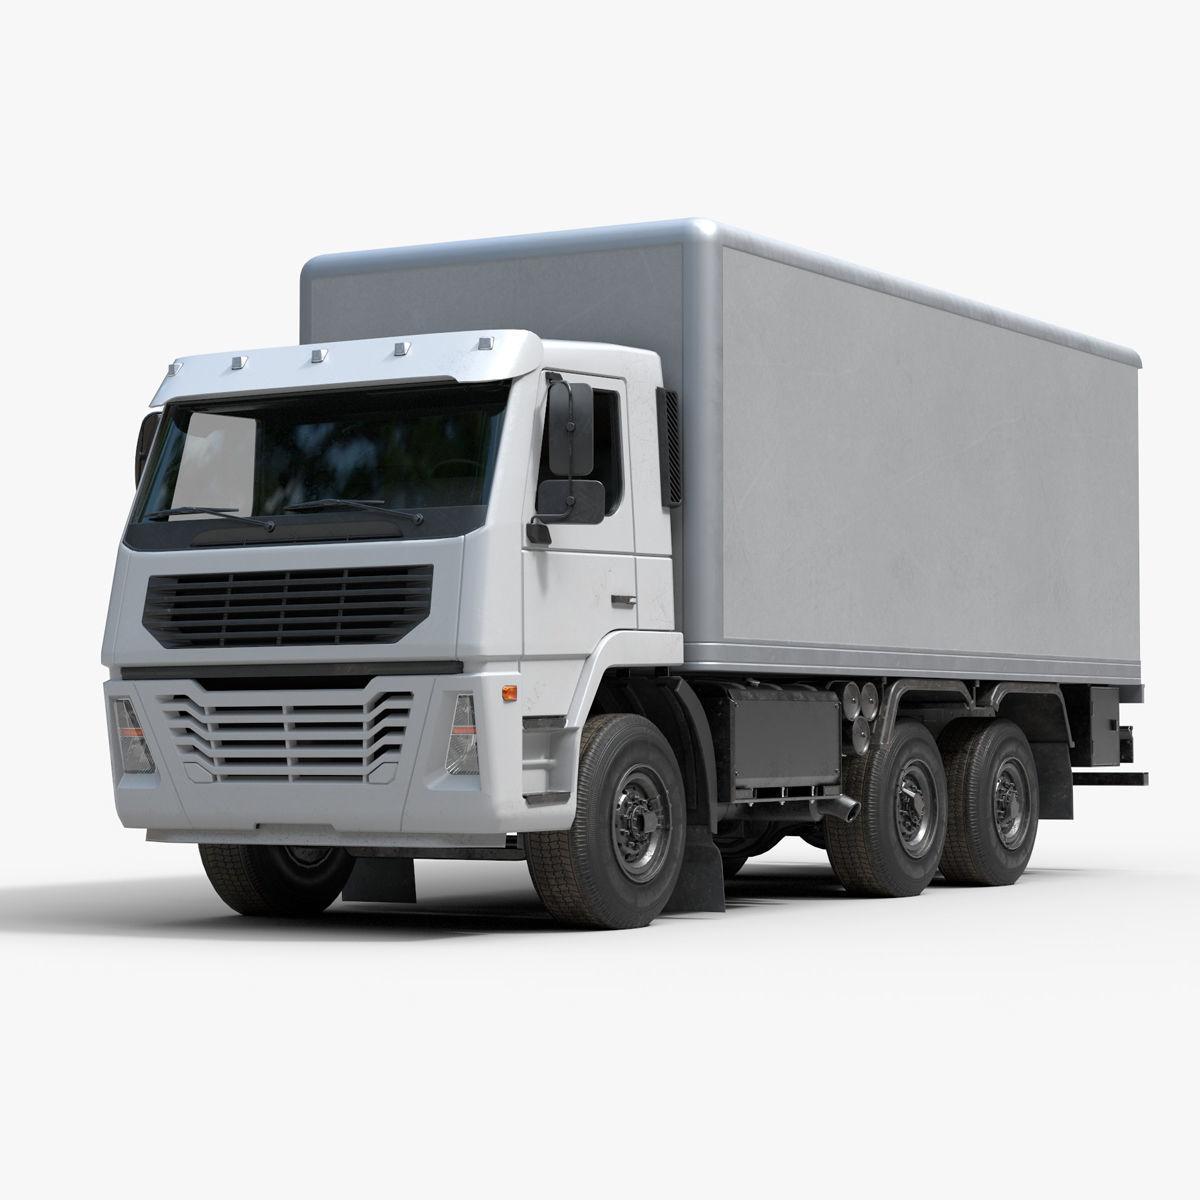 Generic Rigid Truck